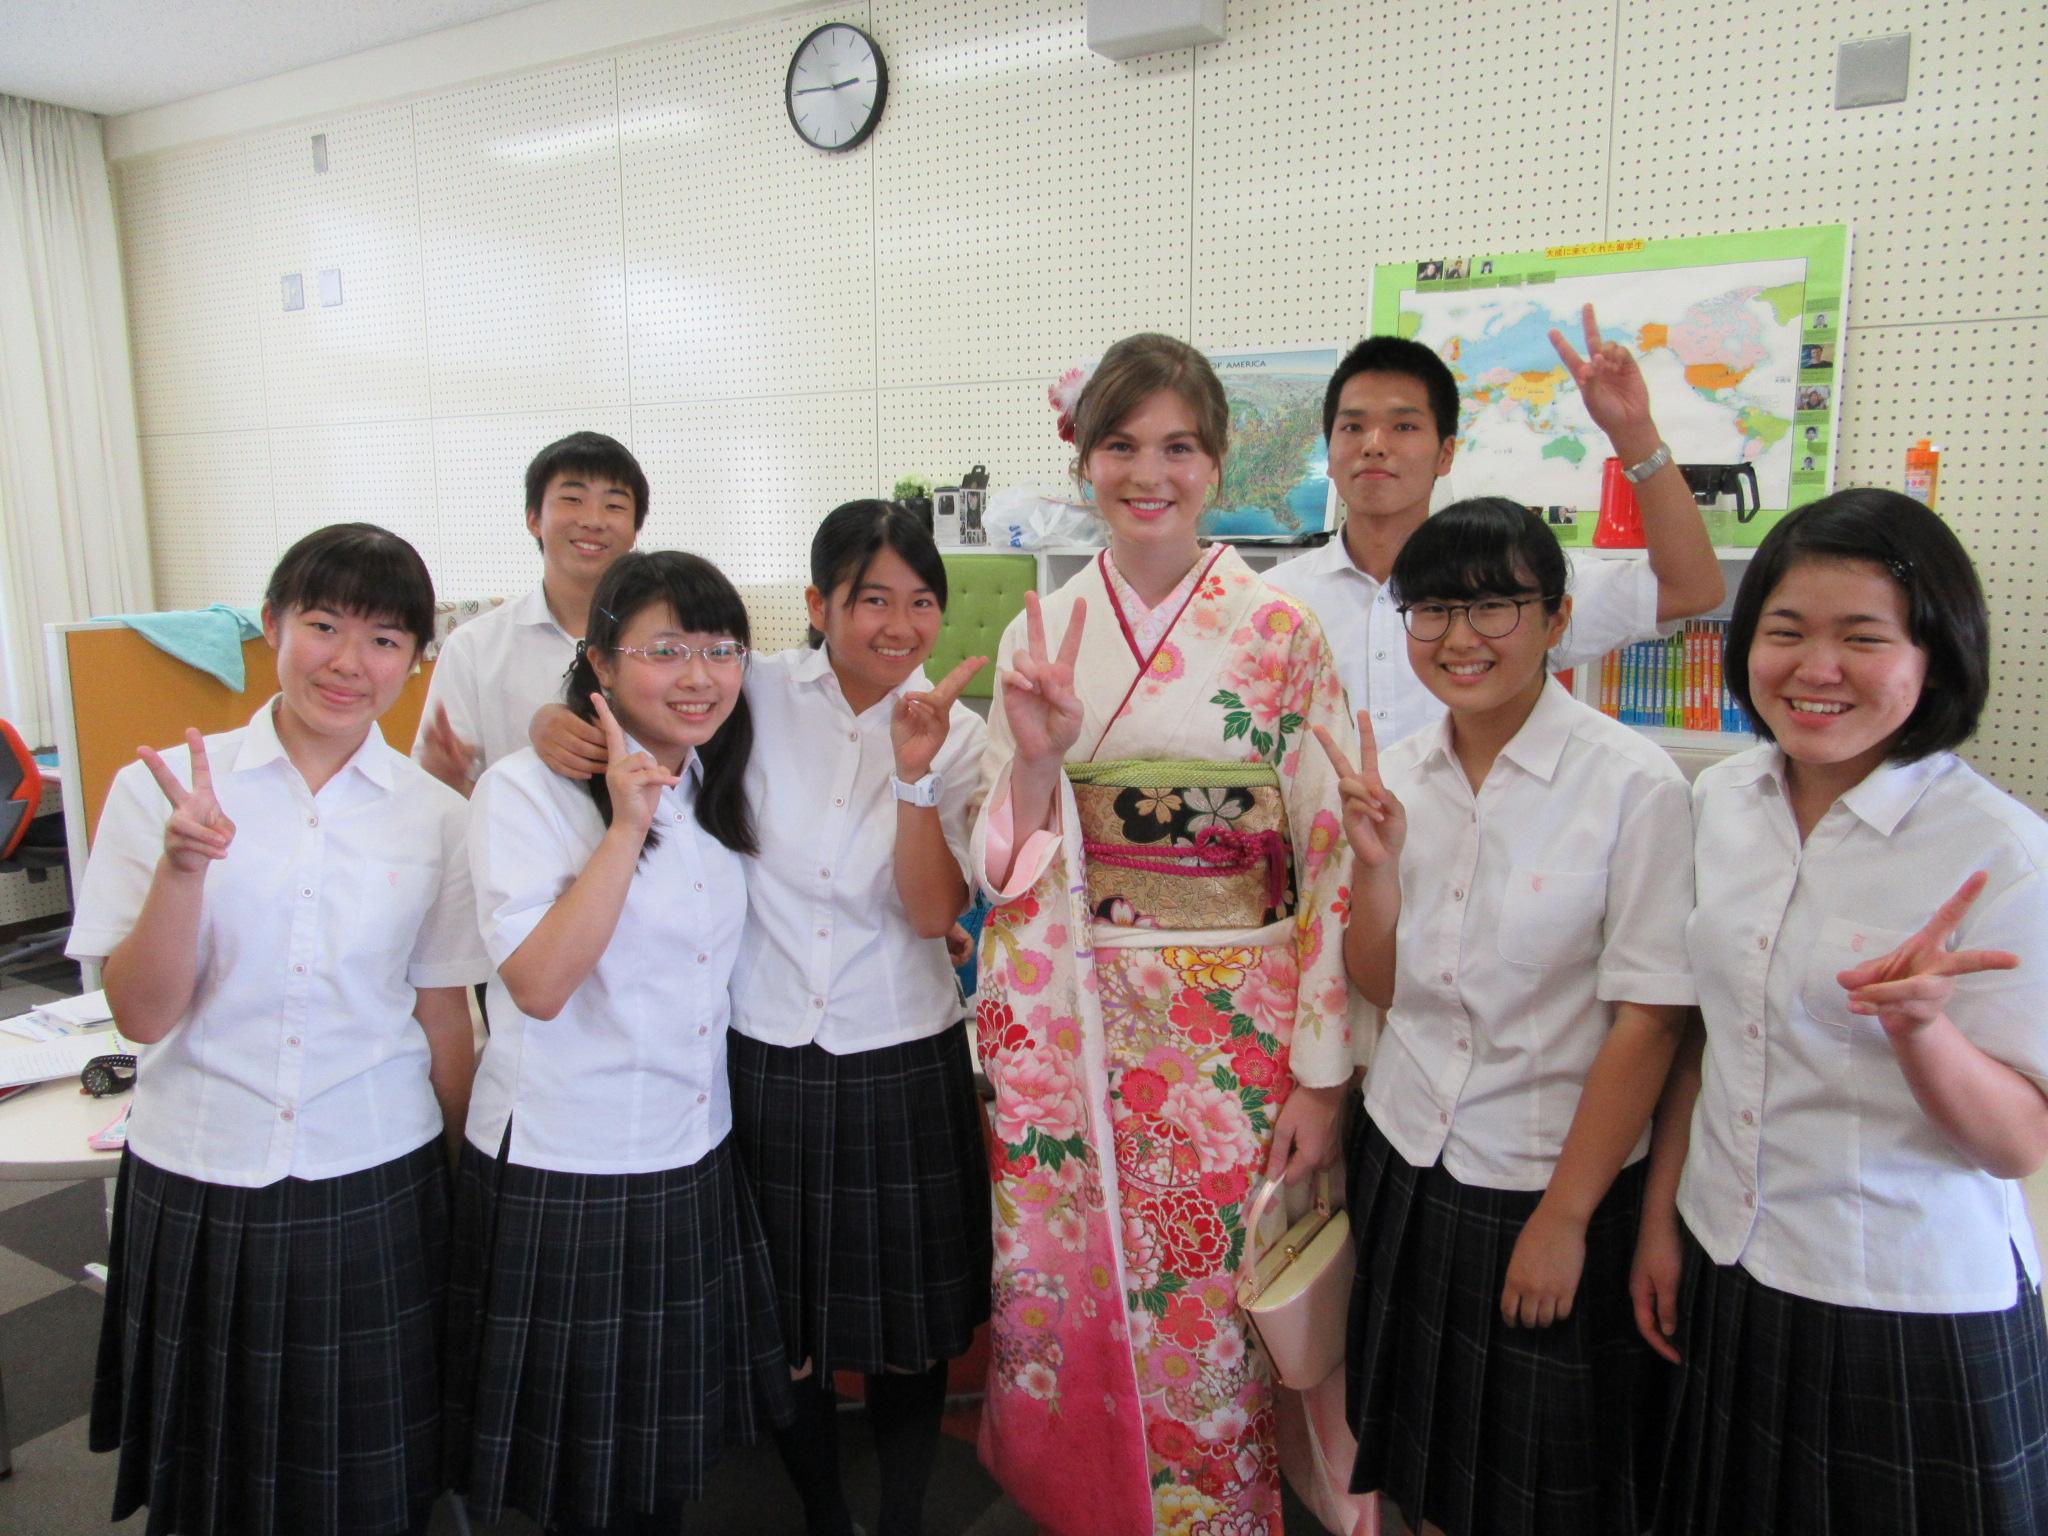 留学生のお別れ会を行いました